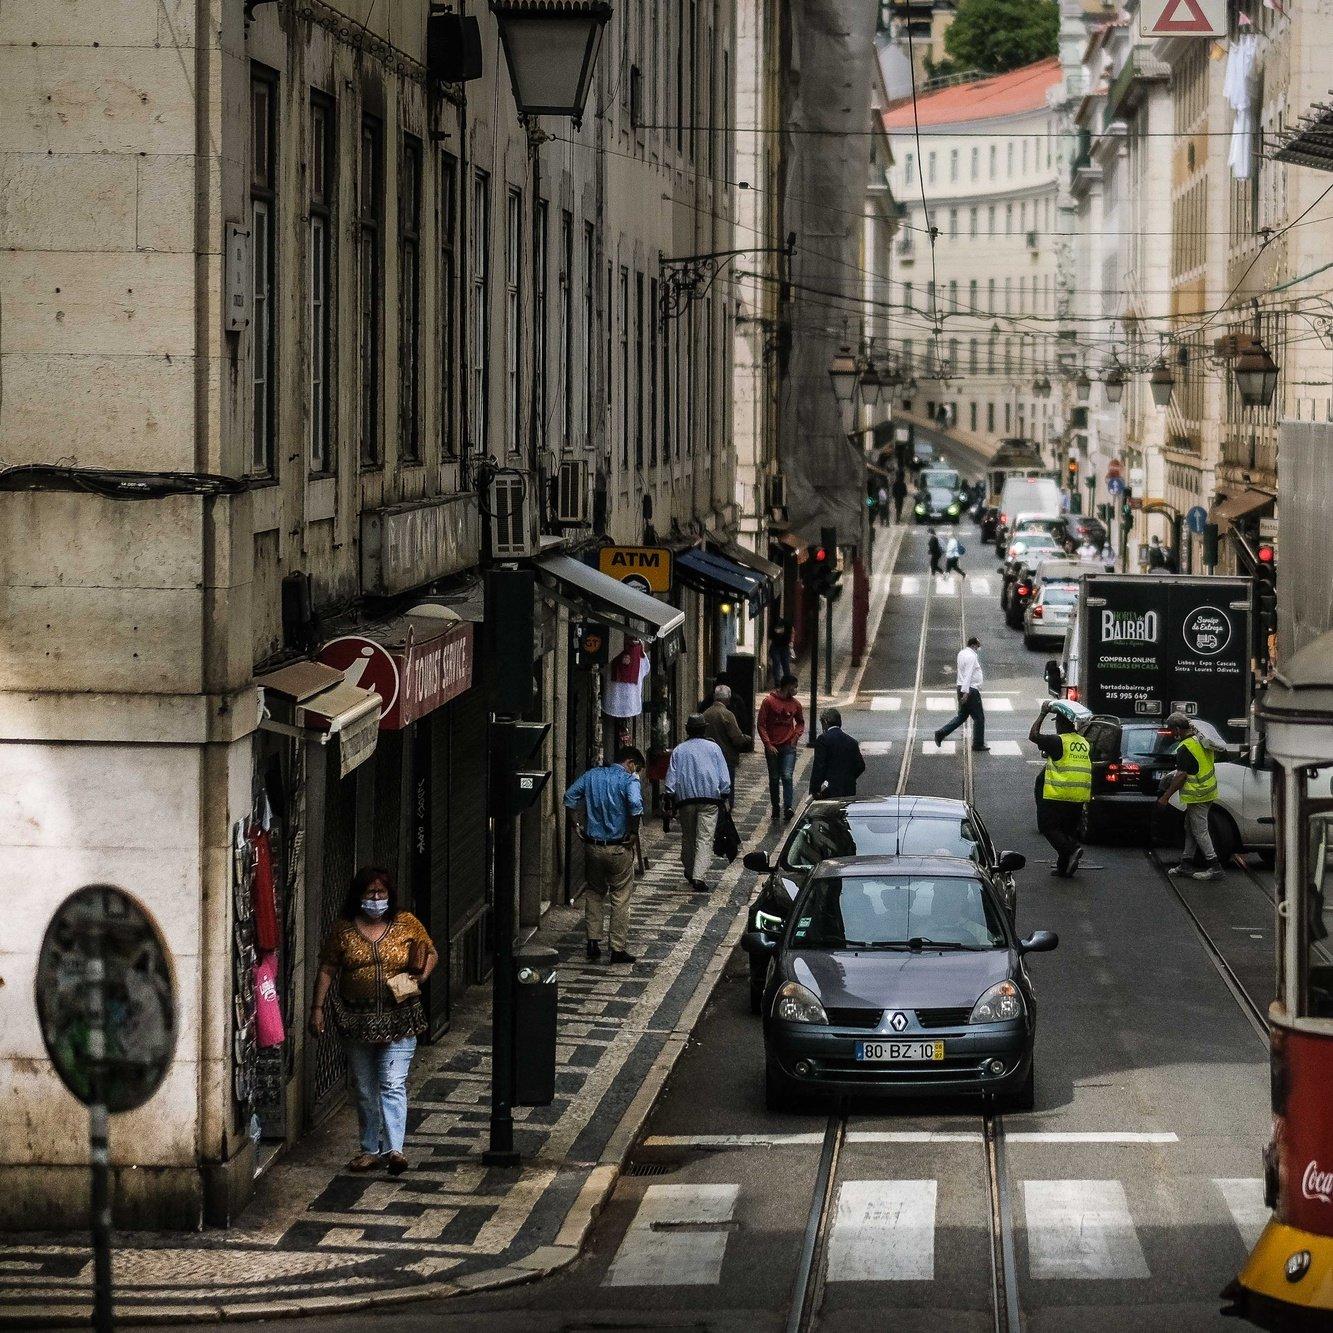 Pessoas caminham para Baixa de Lisboa, 18 de junho de 2021. O Governo decidiu proibir as deslocações de e para a Área Metropolitana de Lisboa (AML) no fim de semana devido à subida dos casos de covid-19 neste território. MÁRIO CRUZ/LUSA